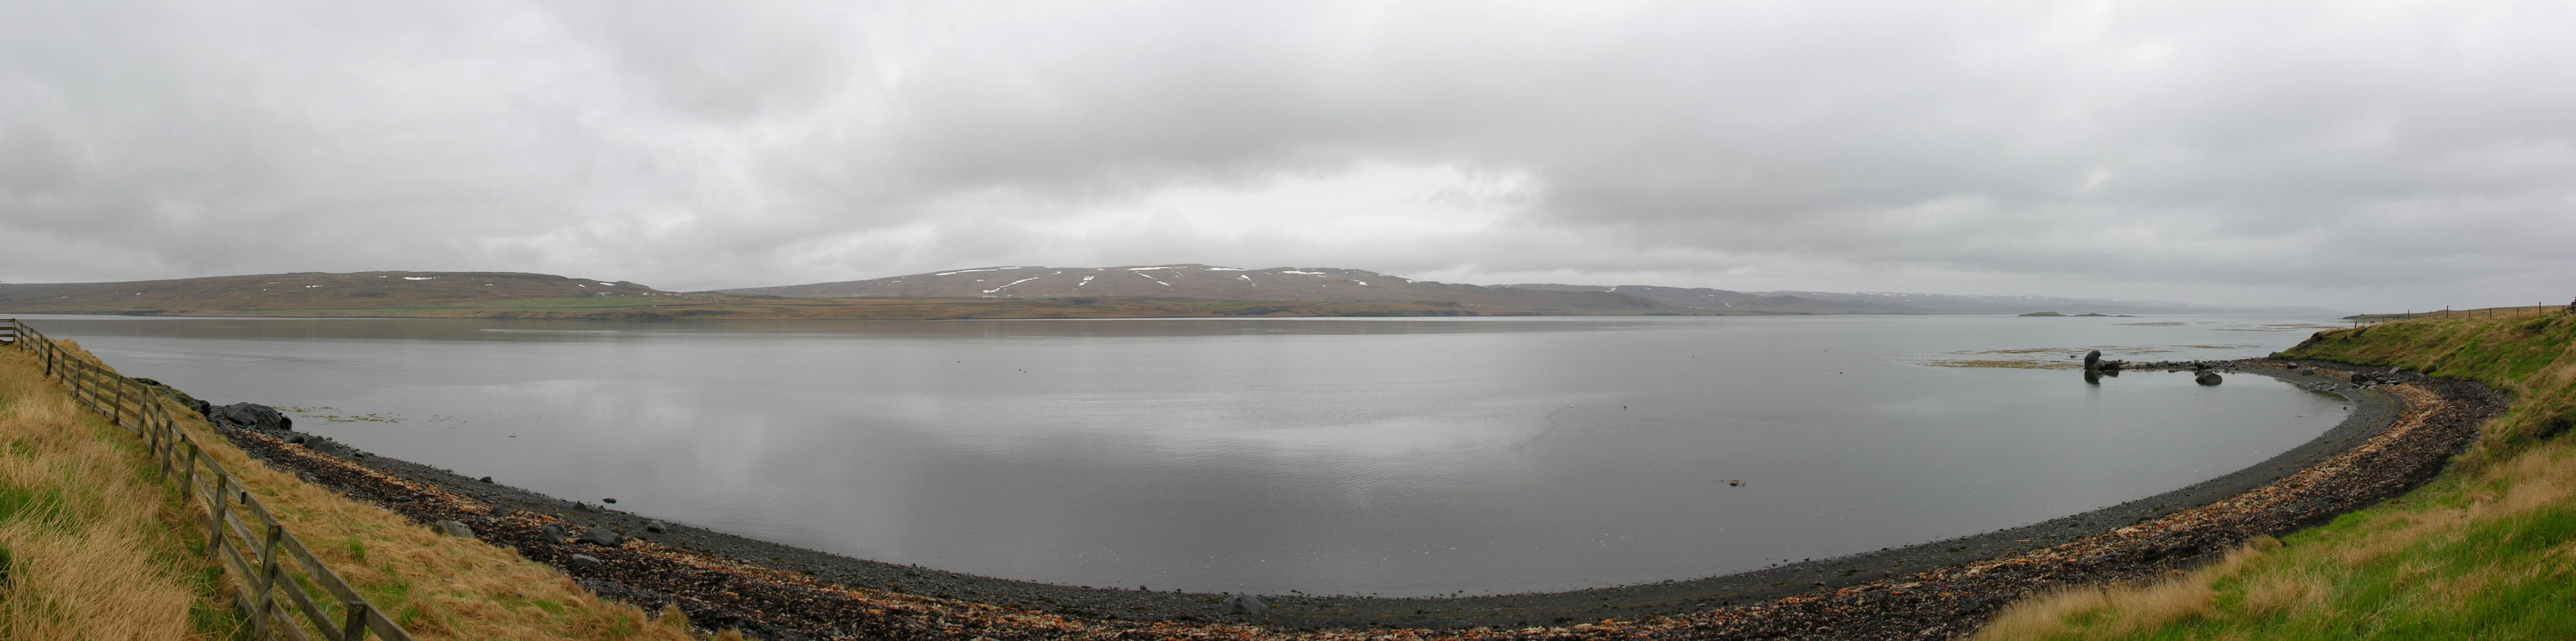 Hrútafjörður